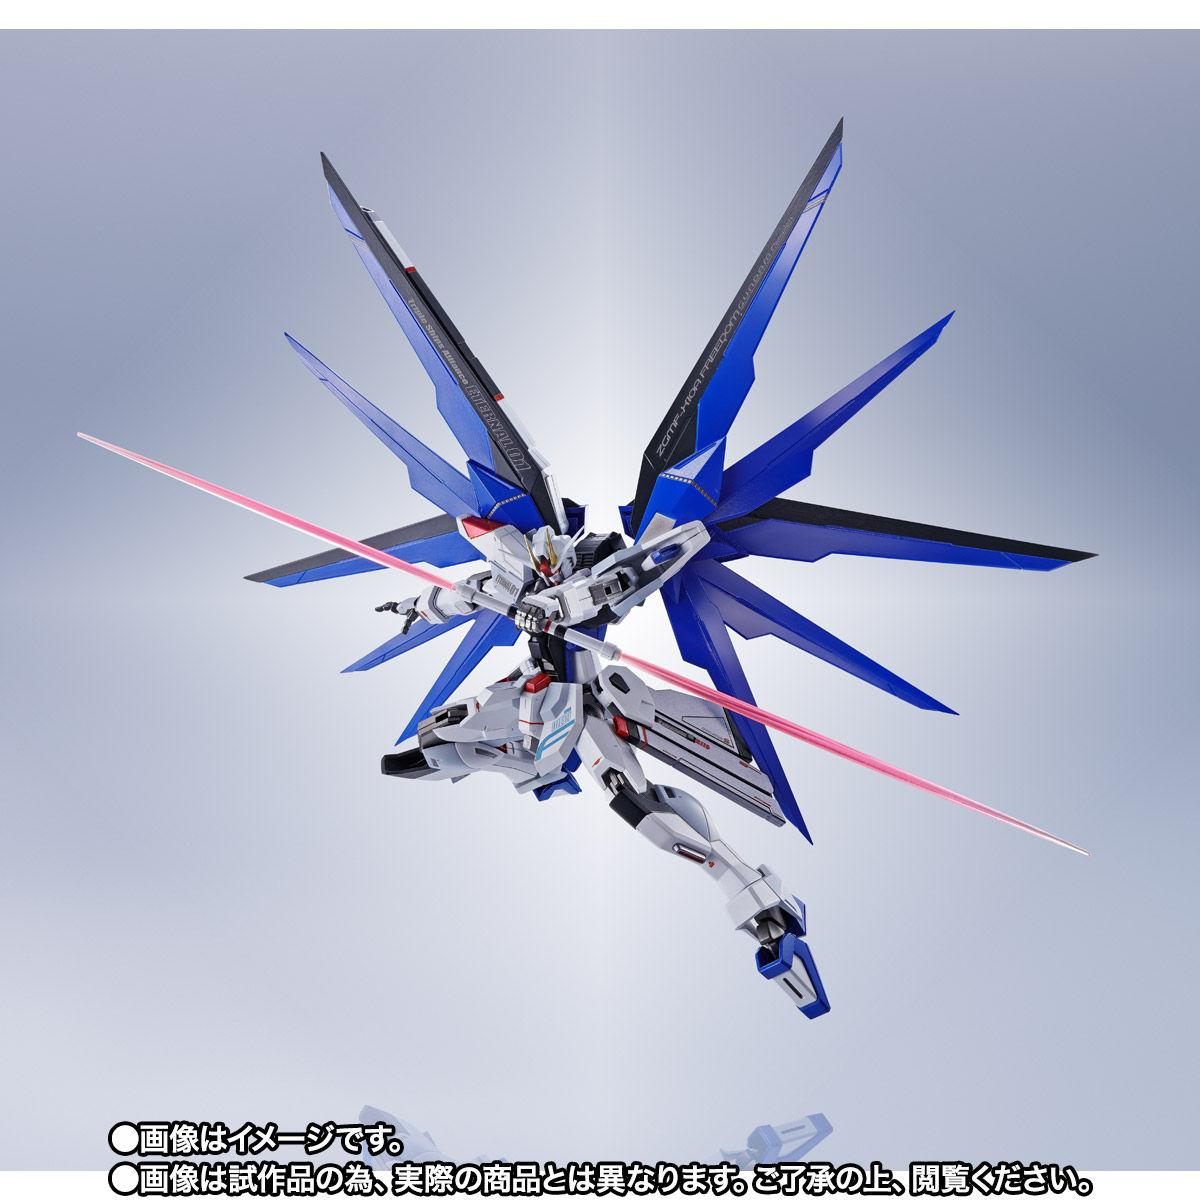 【限定販売】【再販】METAL ROBOT魂〈SIDE MS〉『フリーダムガンダム』ガンダムSEED 可動フィギュア-007